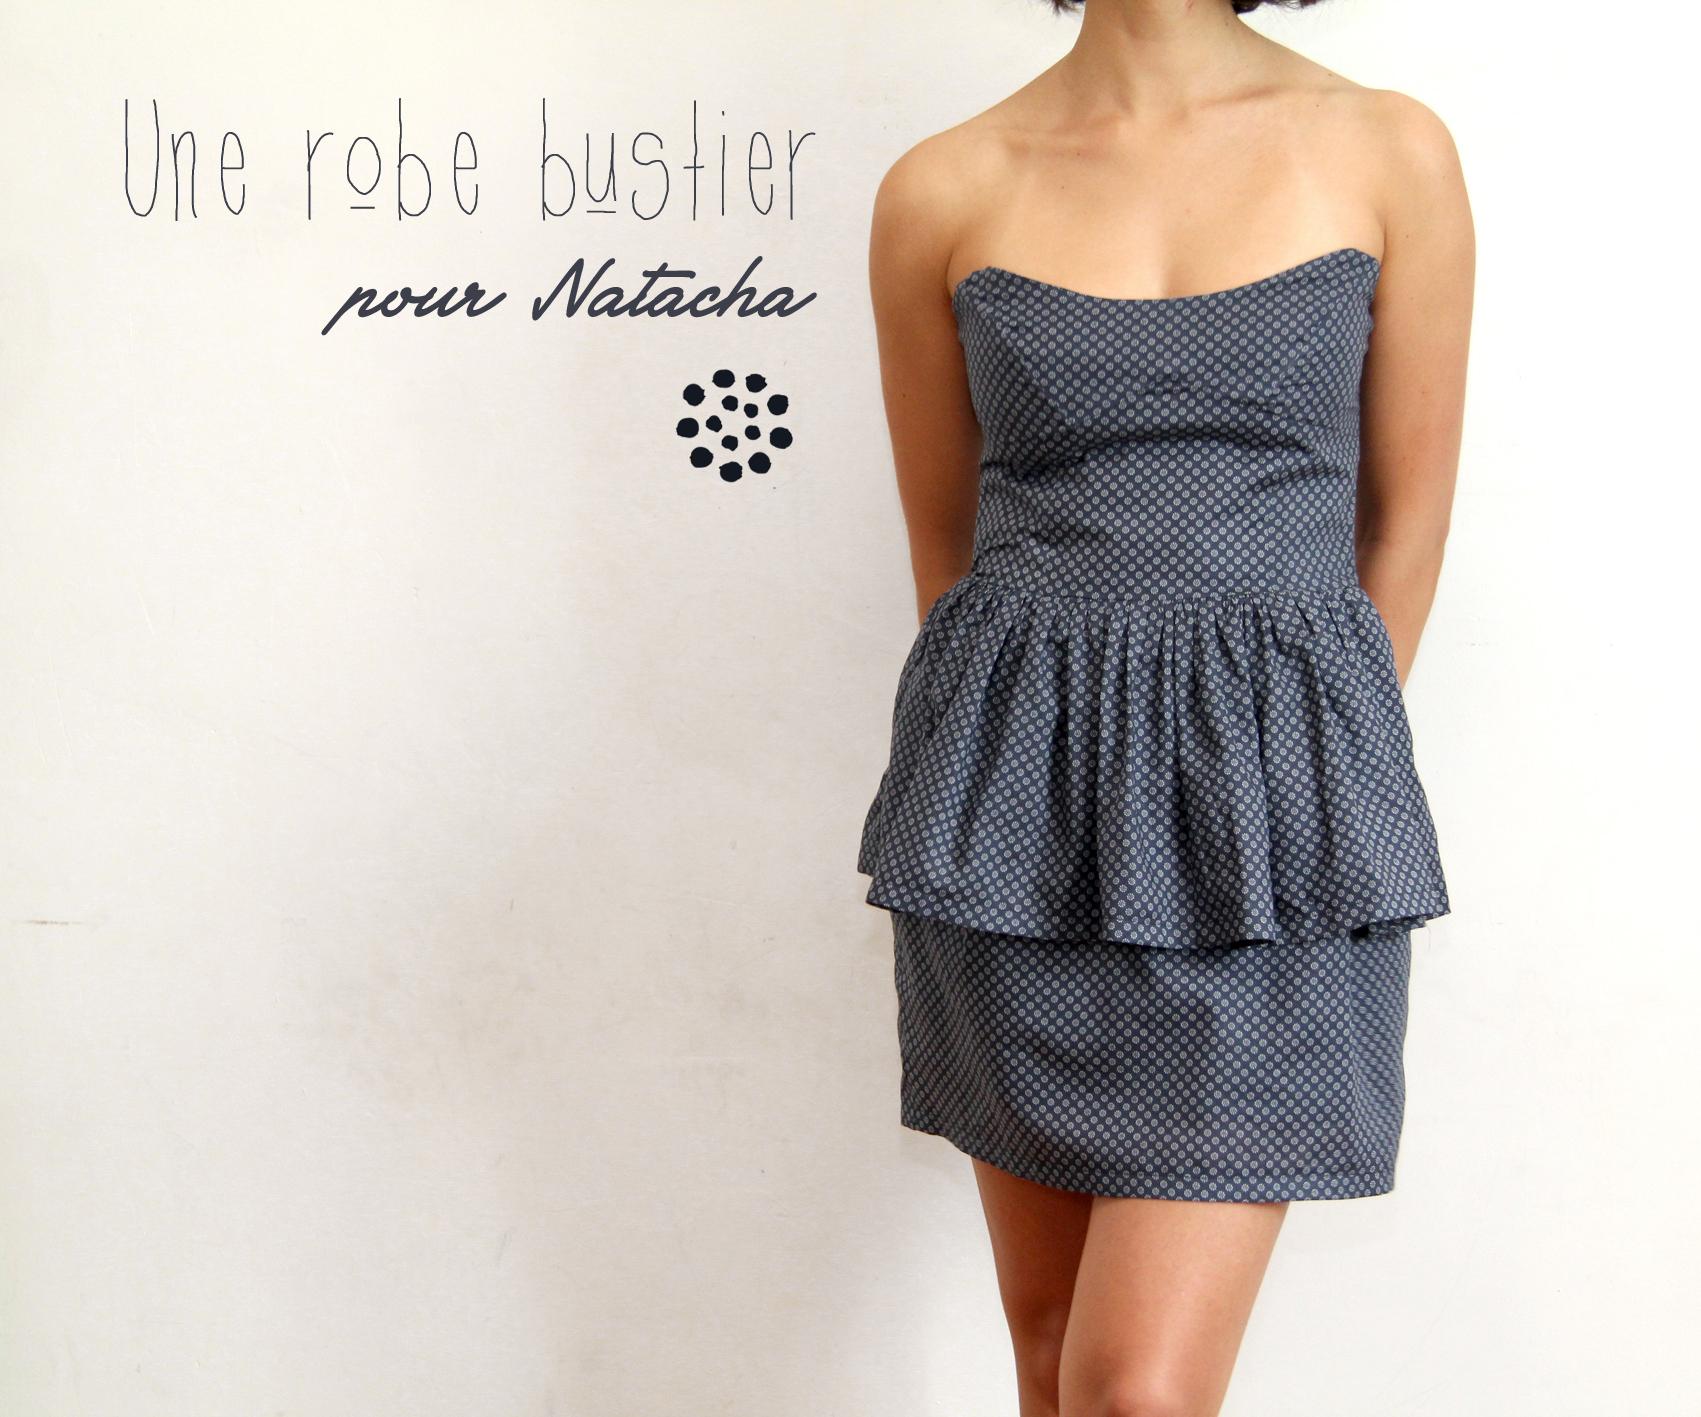 robe bustier burda mars 2010 robes modernes. Black Bedroom Furniture Sets. Home Design Ideas